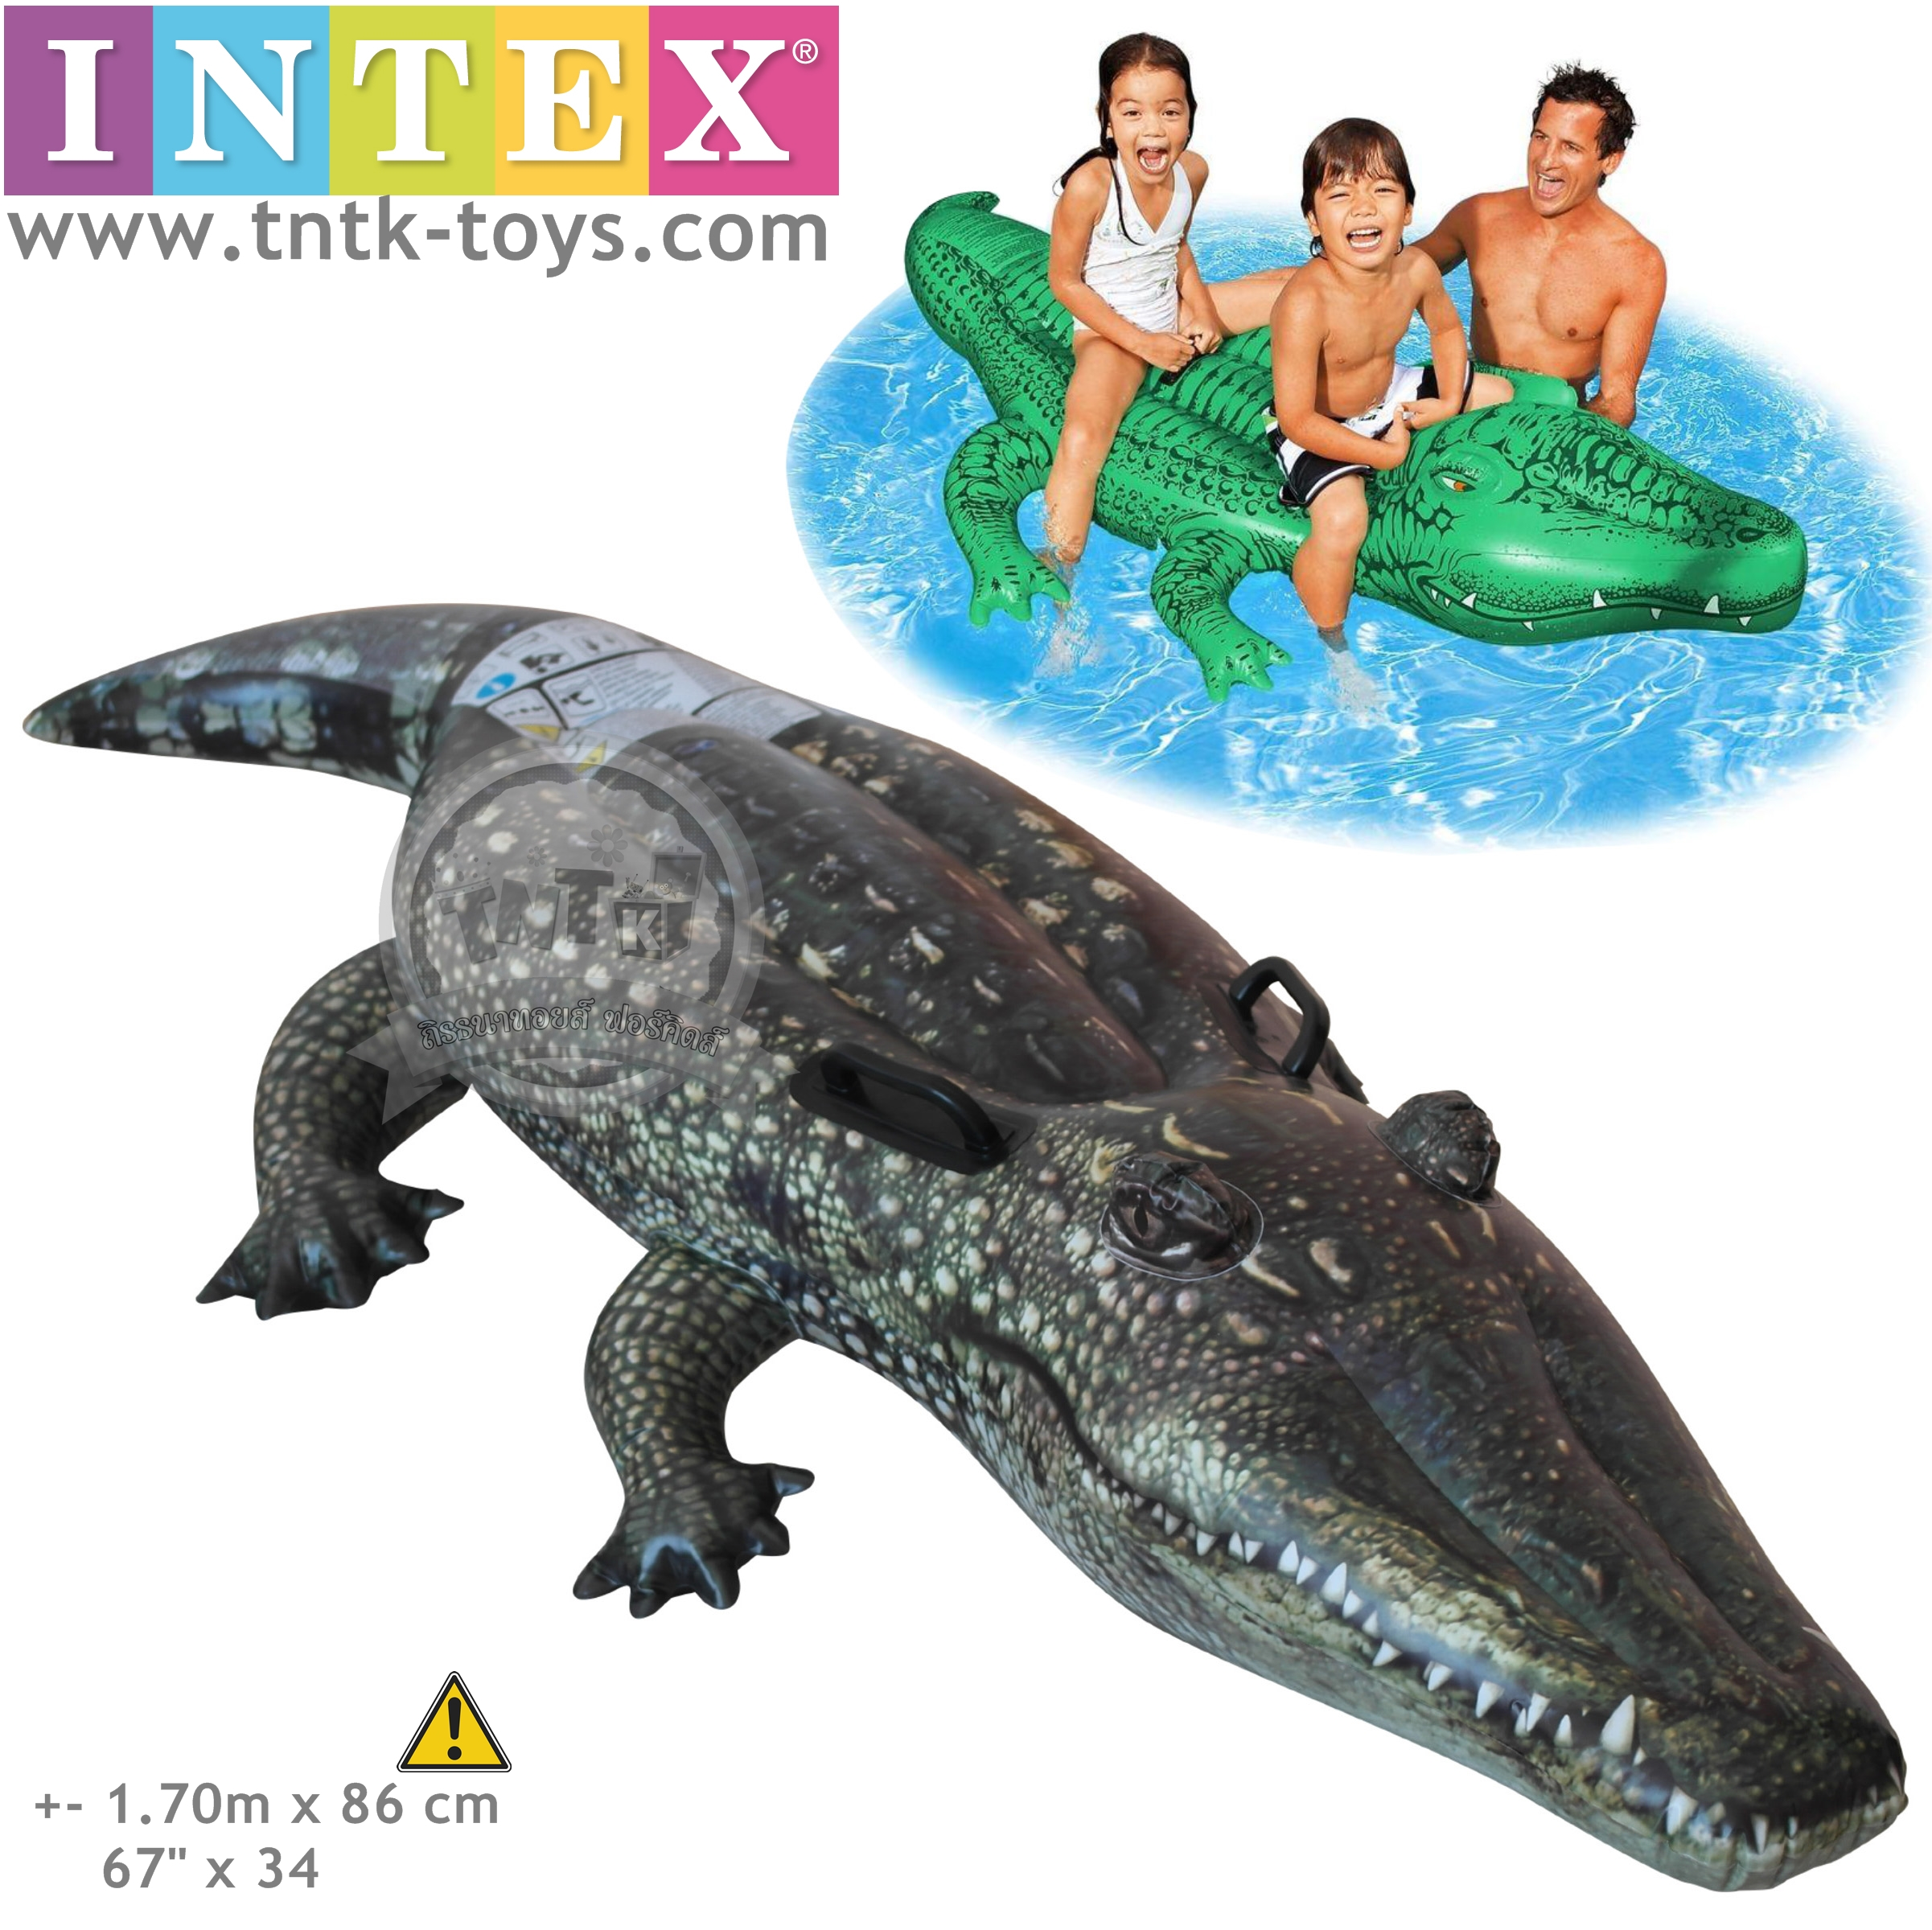 แพยางจระเข้ ยี่ห้อ INTEX ขนาด 170 * 86 CM. ส่งฟรี EMS/เคอรี่